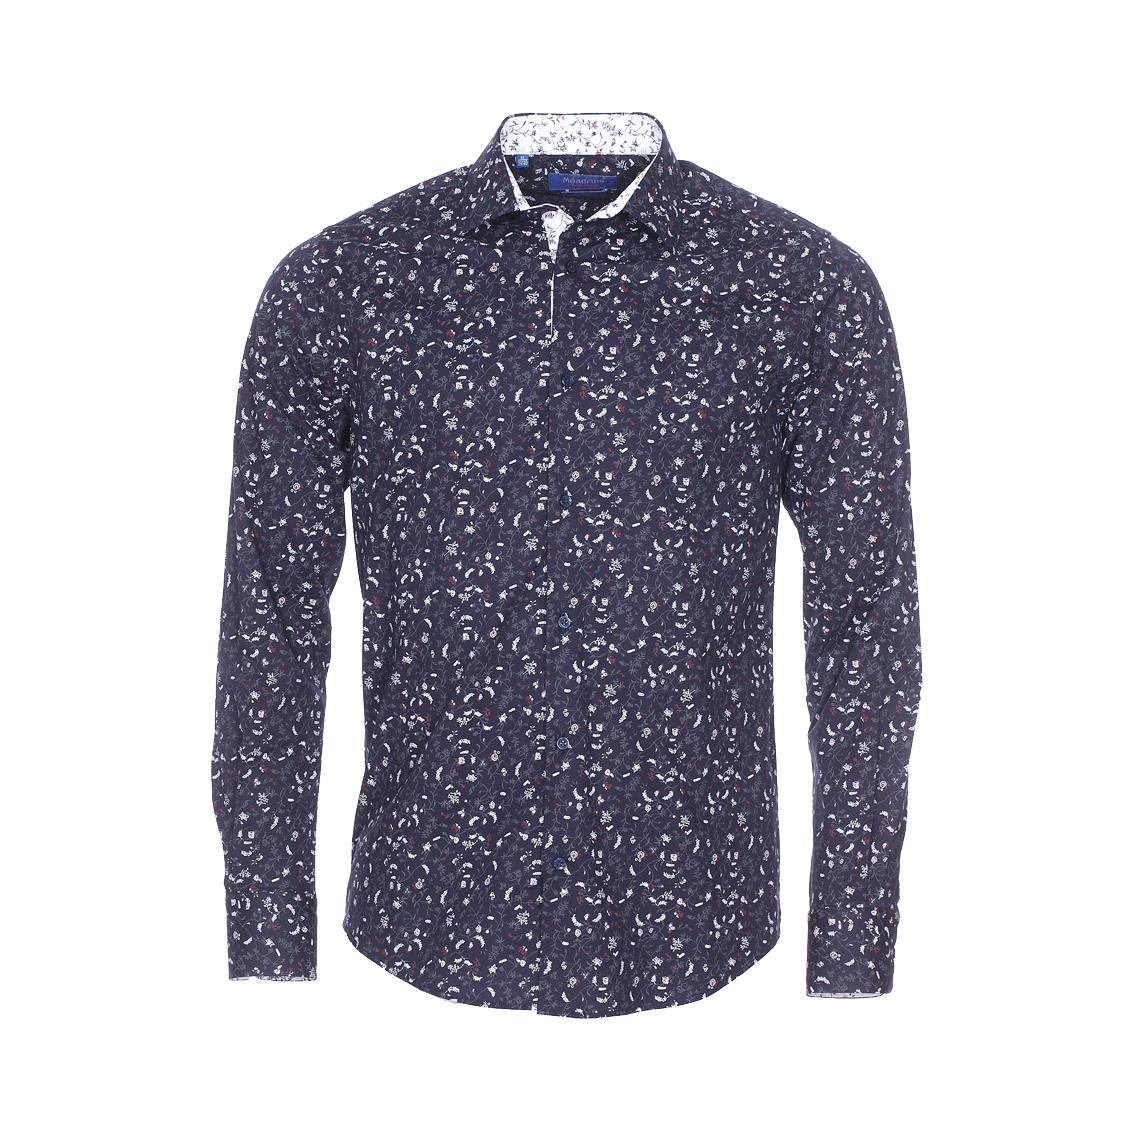 Chemise cintrée  fantaisie en coton stretch bleu marine à imprimé fleuri